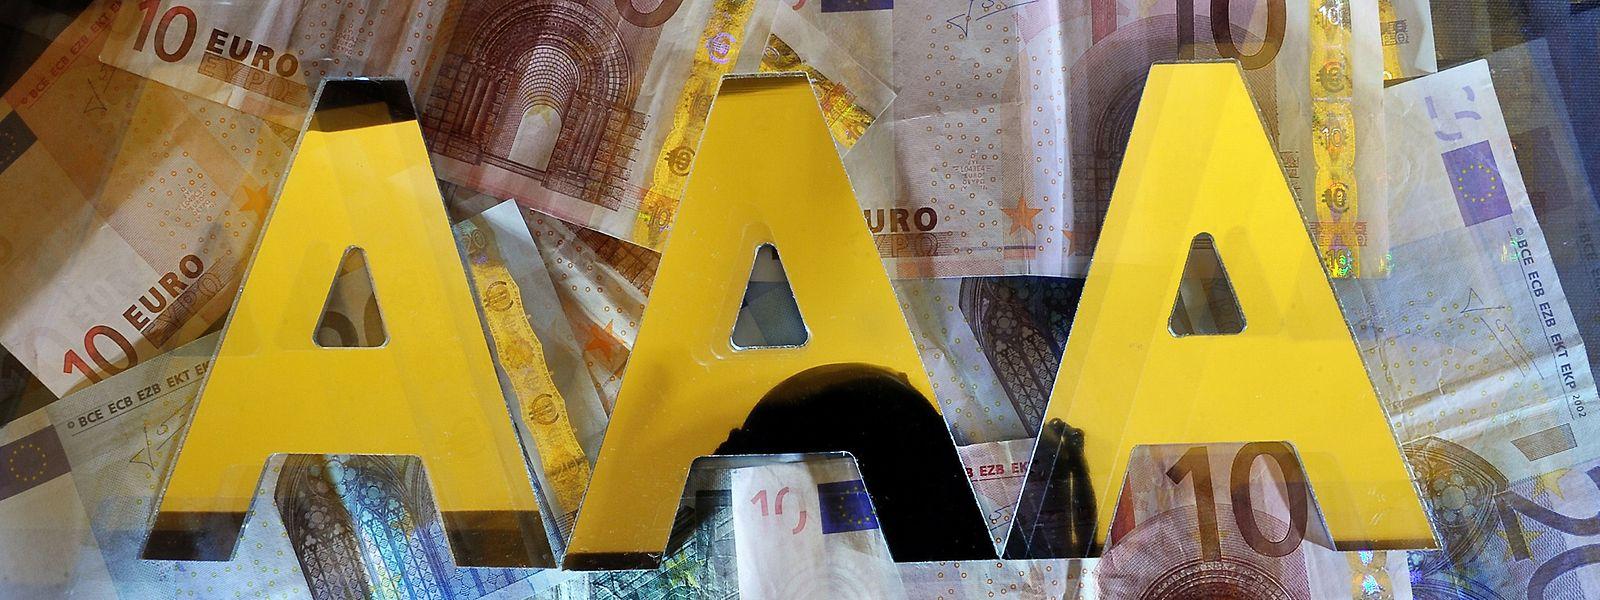 Fitch begründet das AAA-Rating mit der Widerstandsfähigkeit Luxemburgs in der Corona-Pandemie.